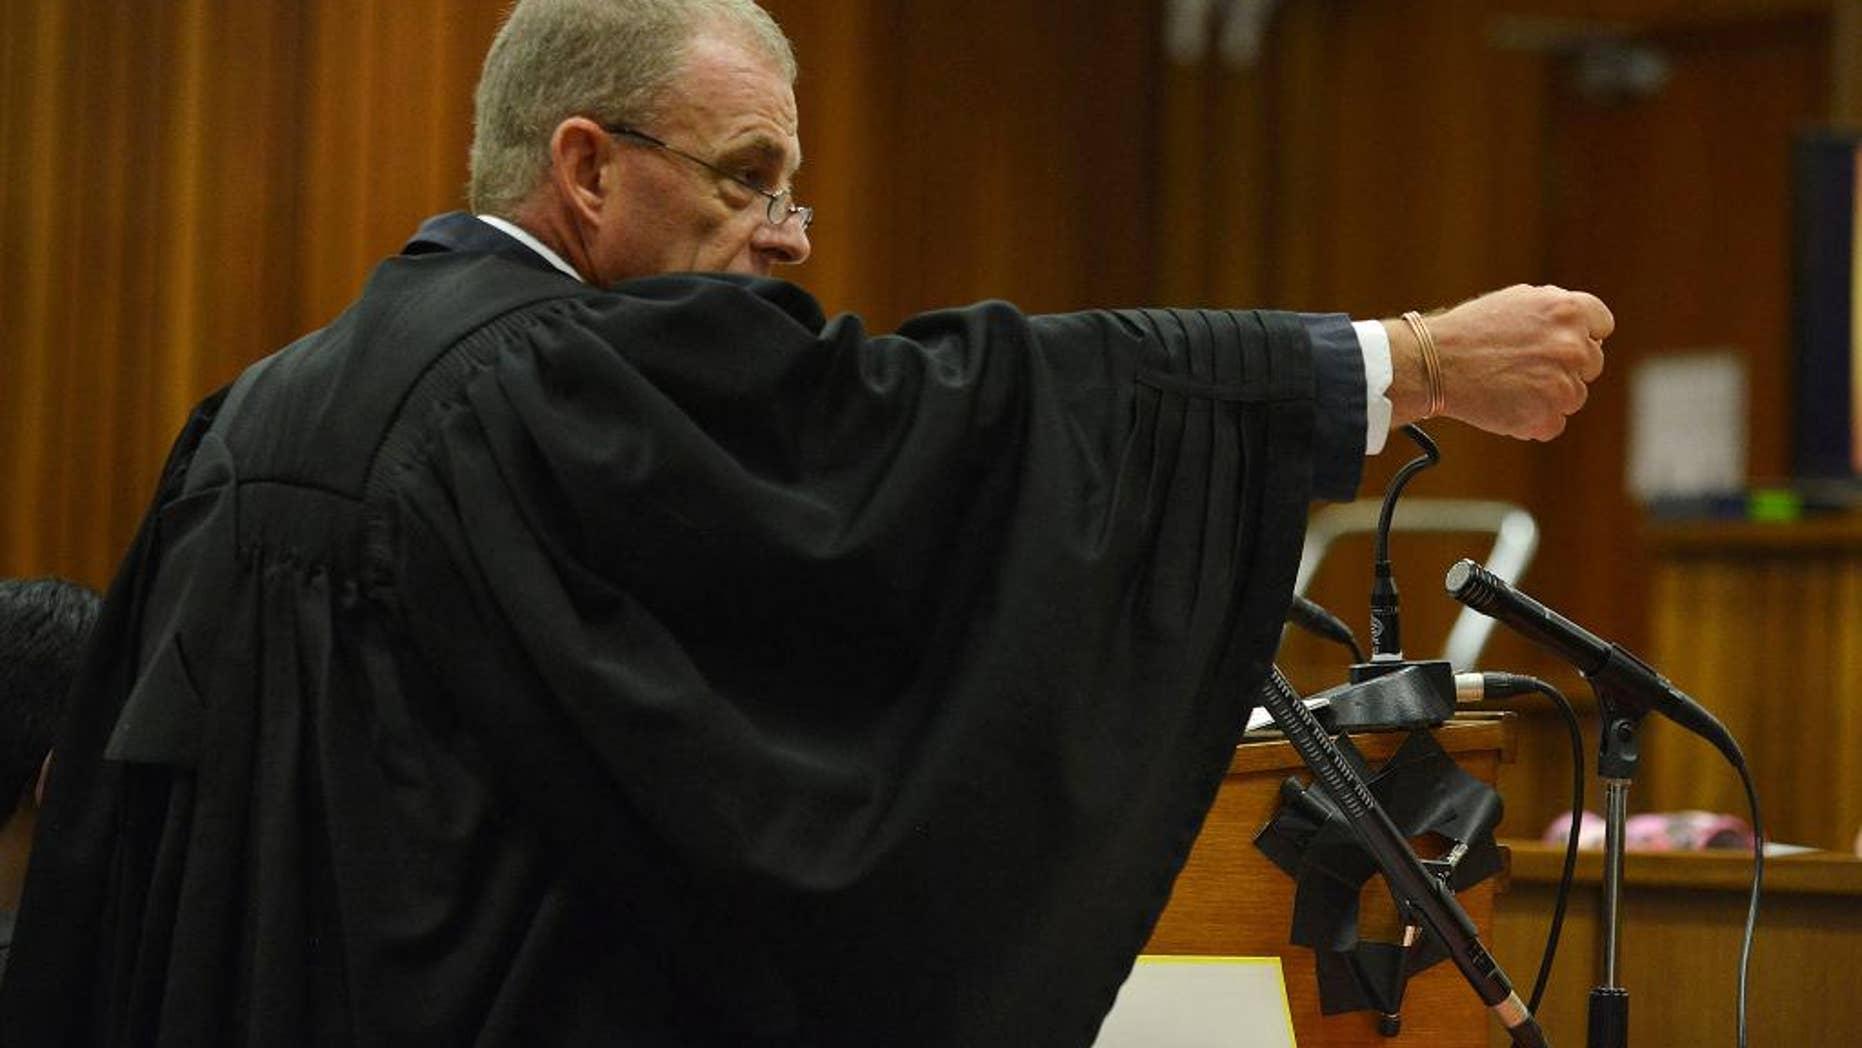 El fiscal Gerrie Nel gesticula al explicar el posible escenario de cómo Oscar Pistorius habría disparado a su novia, en el juicio contra el atleta el lunes, 14 de abril de 2014, en Pretoria, Sudáfrica. (AP Photo/Antoine de Ras, Pool)